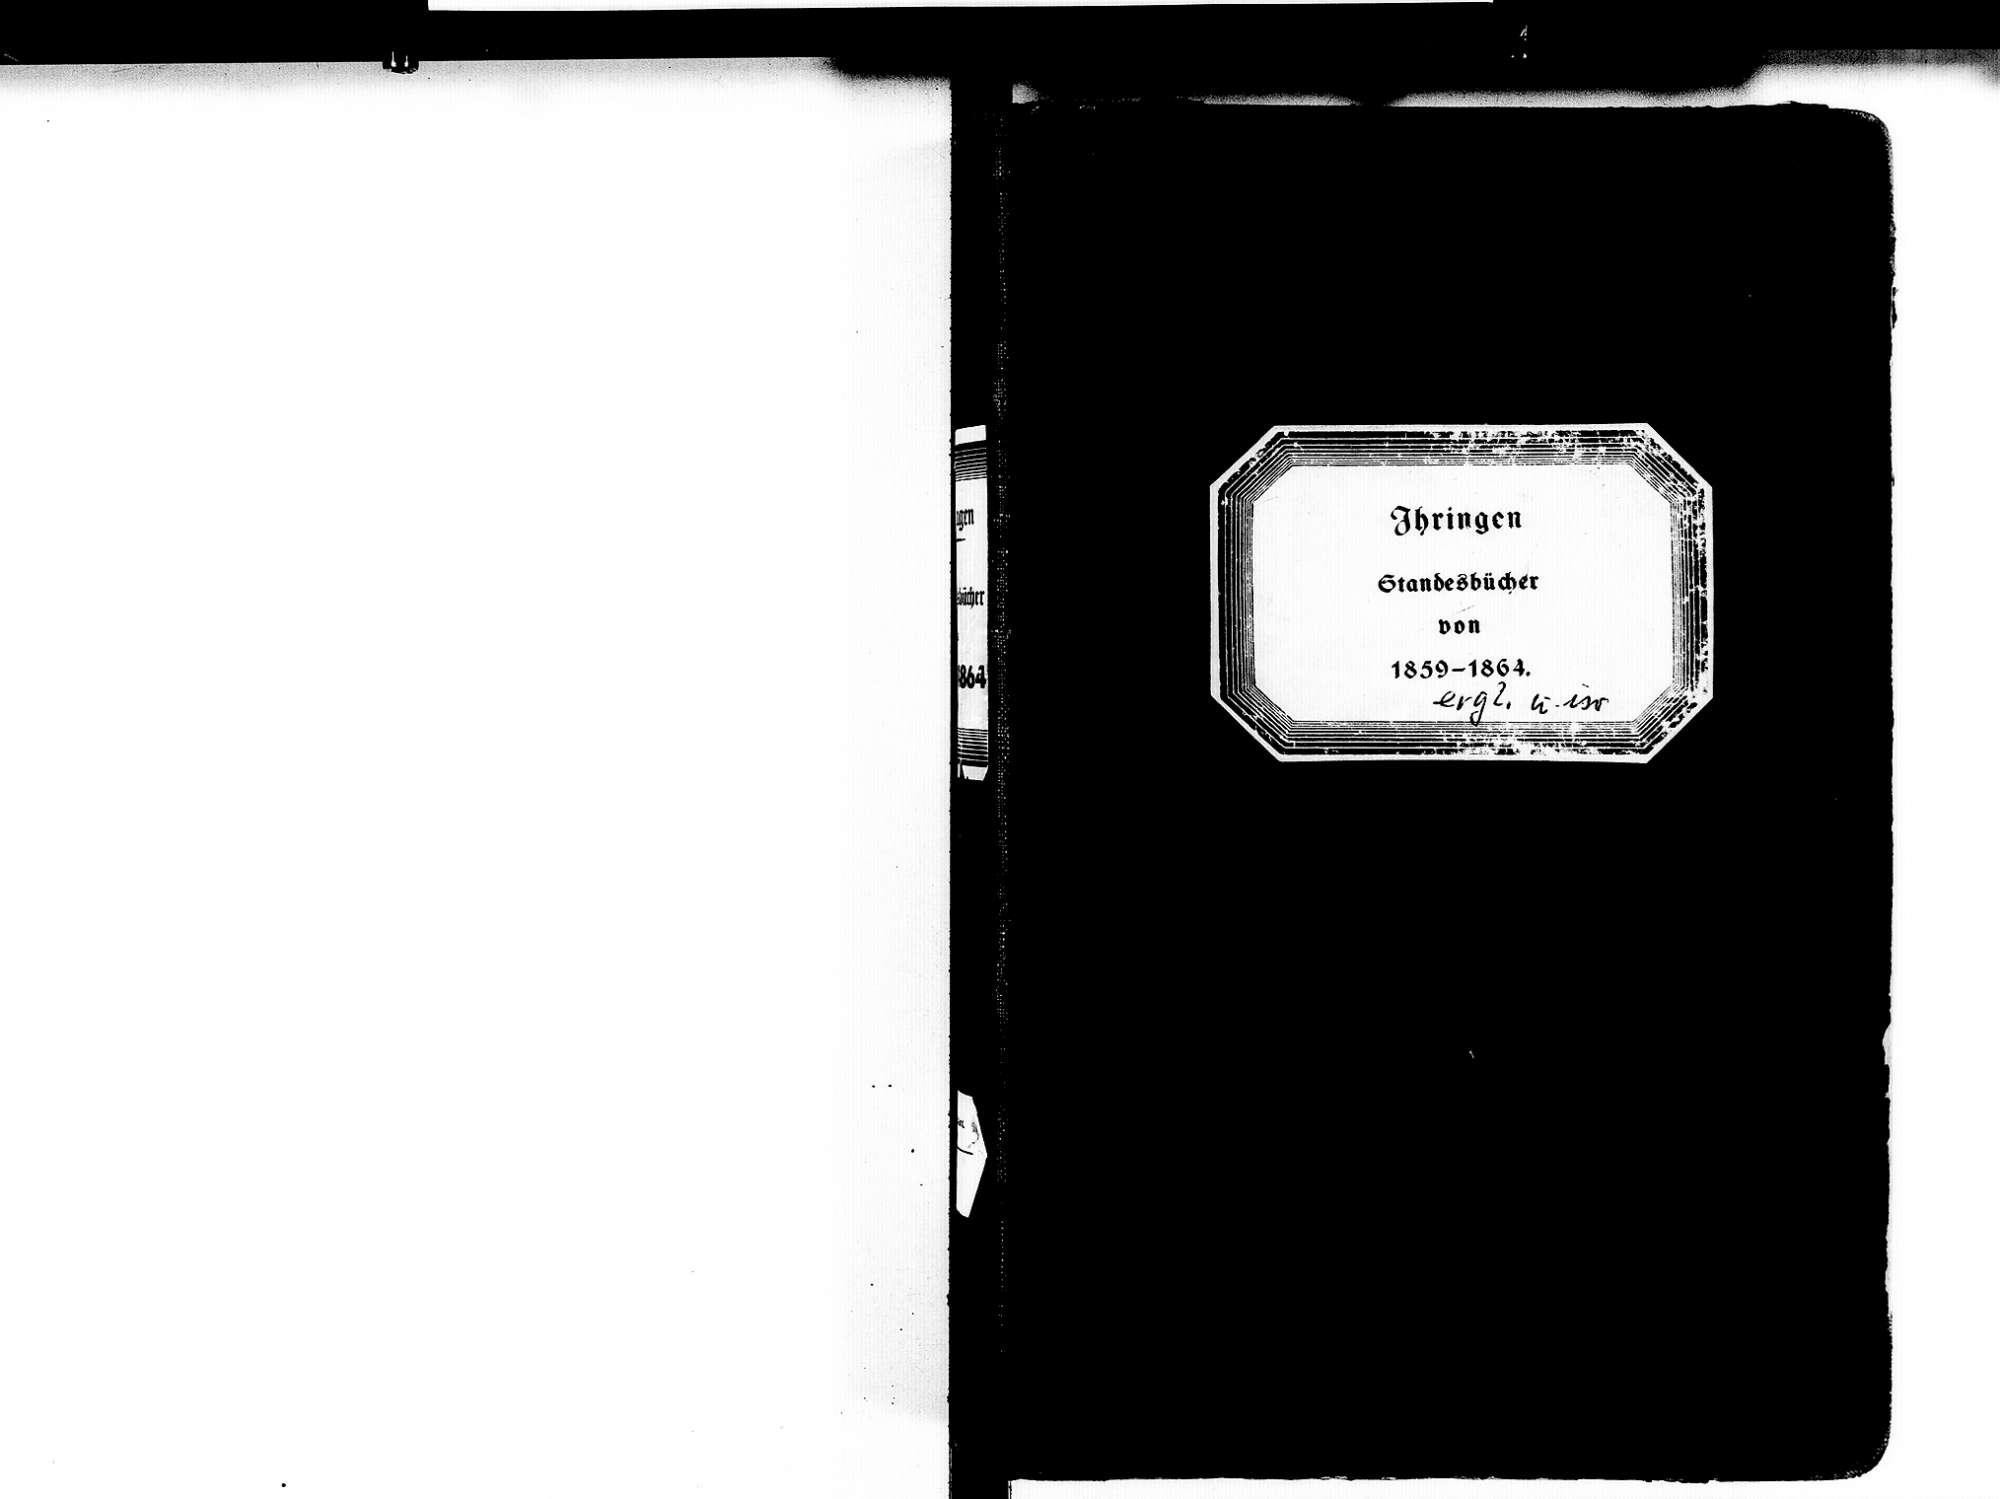 Ihringen FR; Evangelische Gemeinde: Standesbuch 1859-1864 Ihringen FR; Israelitische Gemeinde: Standesbuch 1859-1864, Bild 2